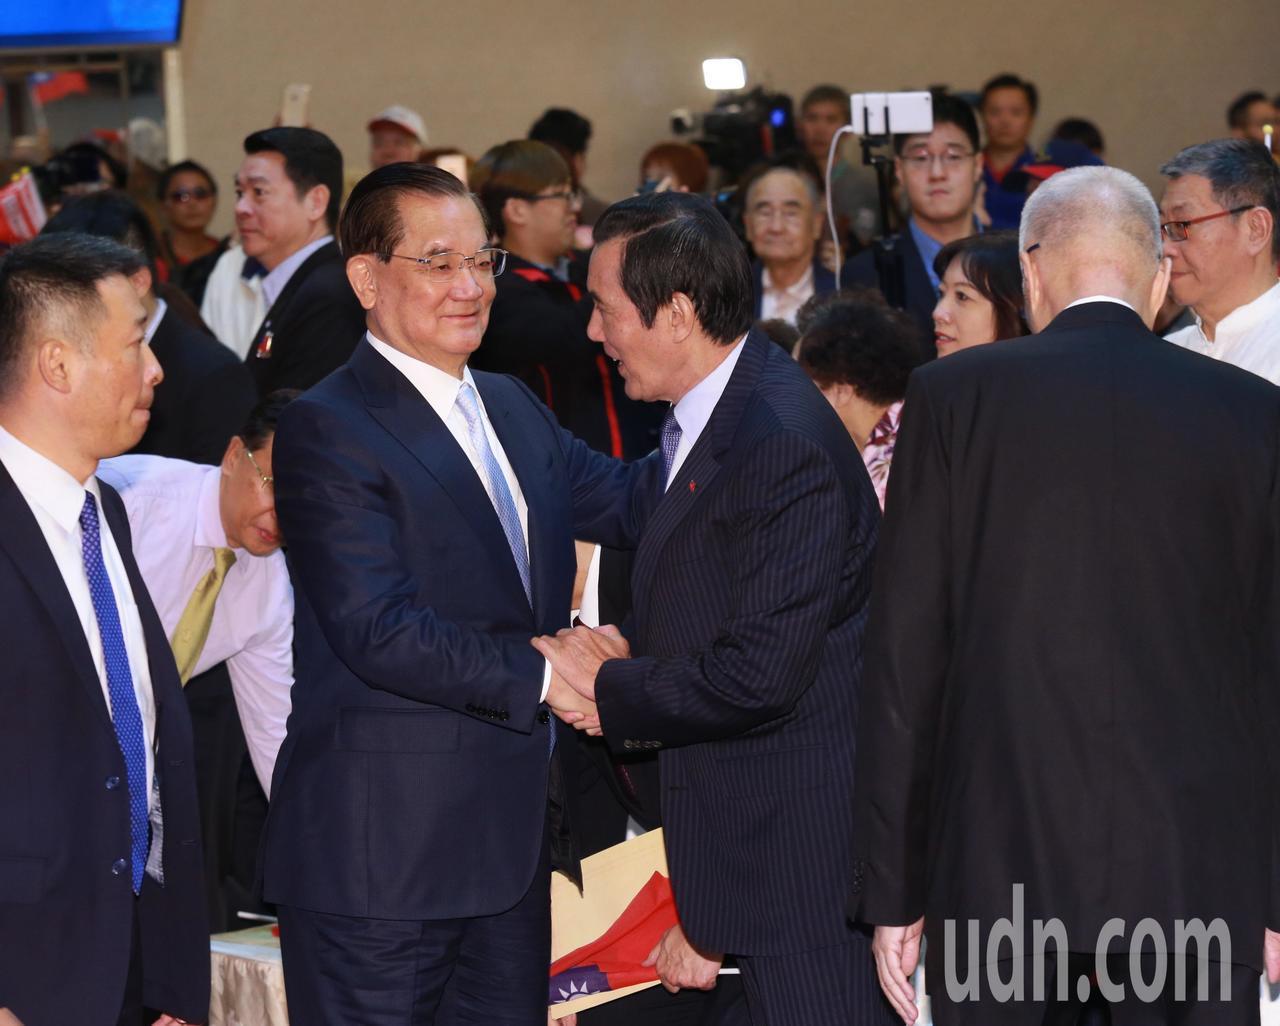 歷任黨主席連戰(左二)、馬英九(中),和現任黨主席吳敦義(右)一同參與慶祝活動。...